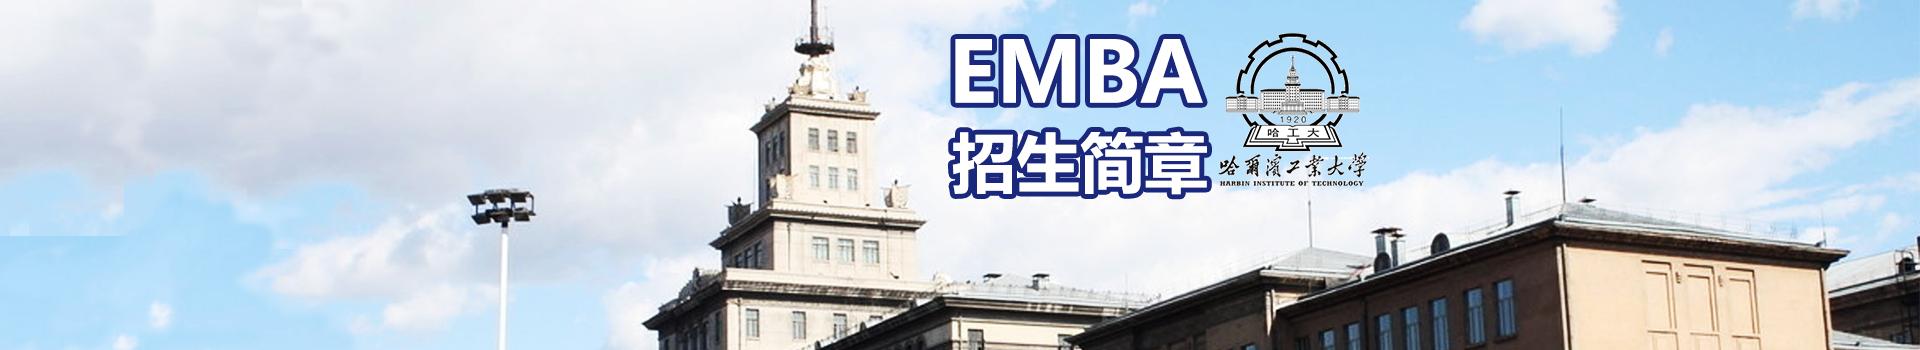 哈尔滨工业大学管理学院高级工商管理硕士EMBA招生简章